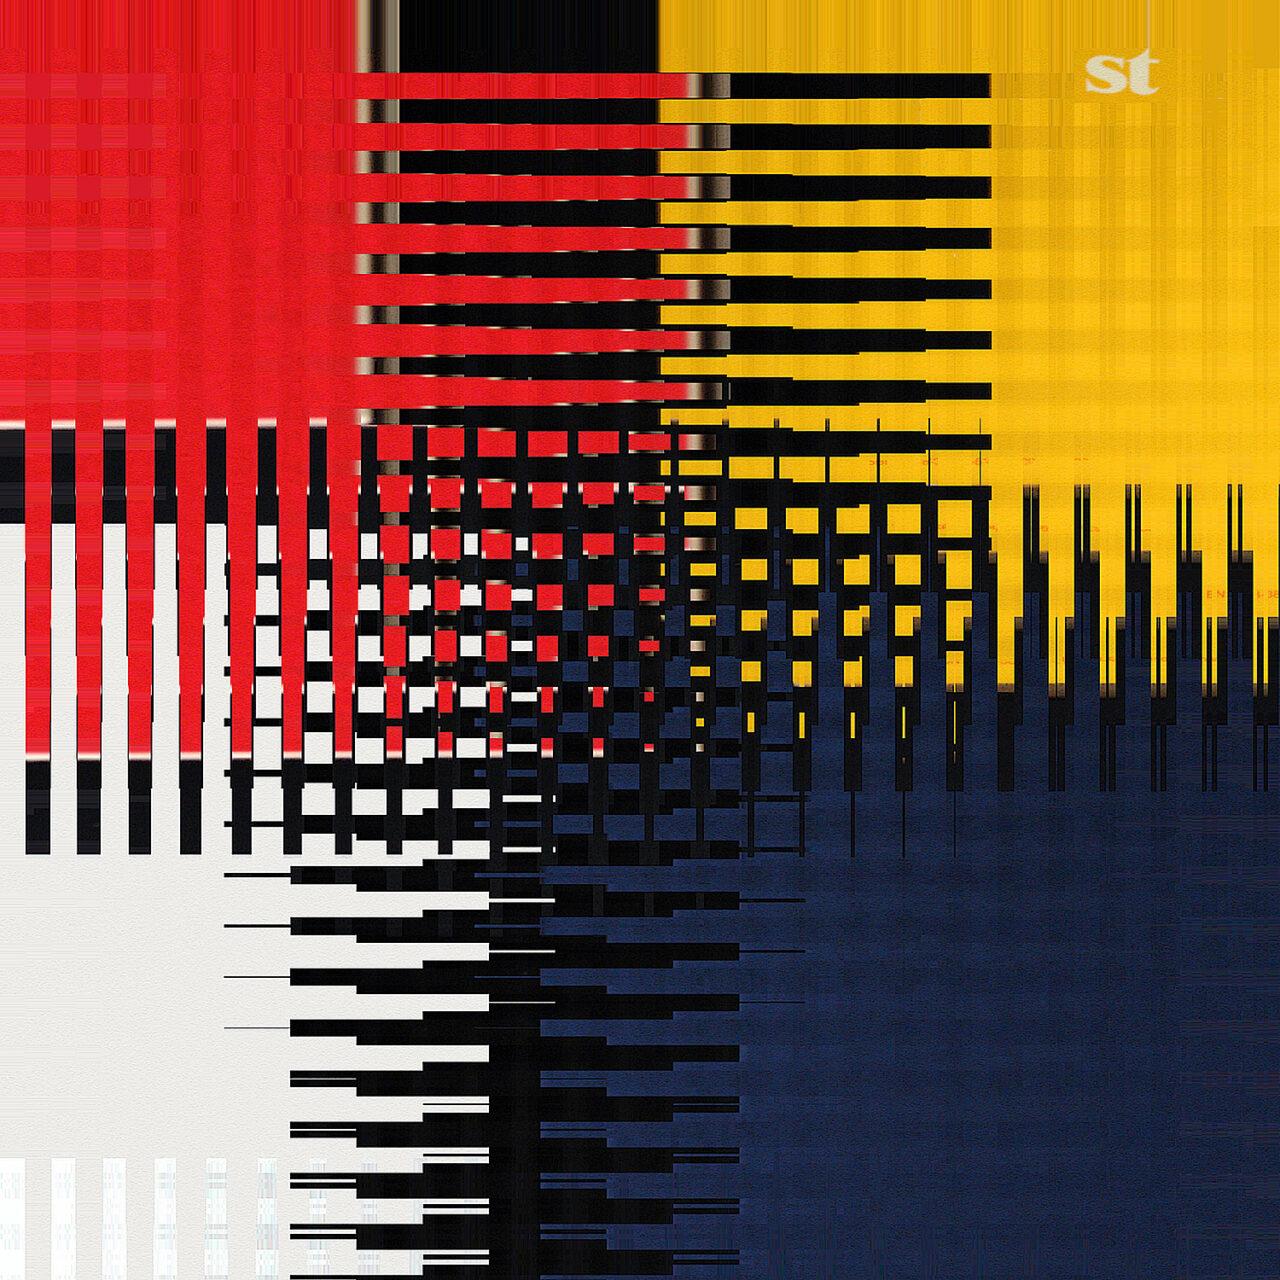 Vernetzt wahrnehmen, aus der Reihe Visual Text, 2021,  Experimental Fine Art Photography, Mixed Media, Farbpigment auf Aludibond, 50 cm x 50 cm, rückseitig signiert und mit Schattenfuge gerahmt